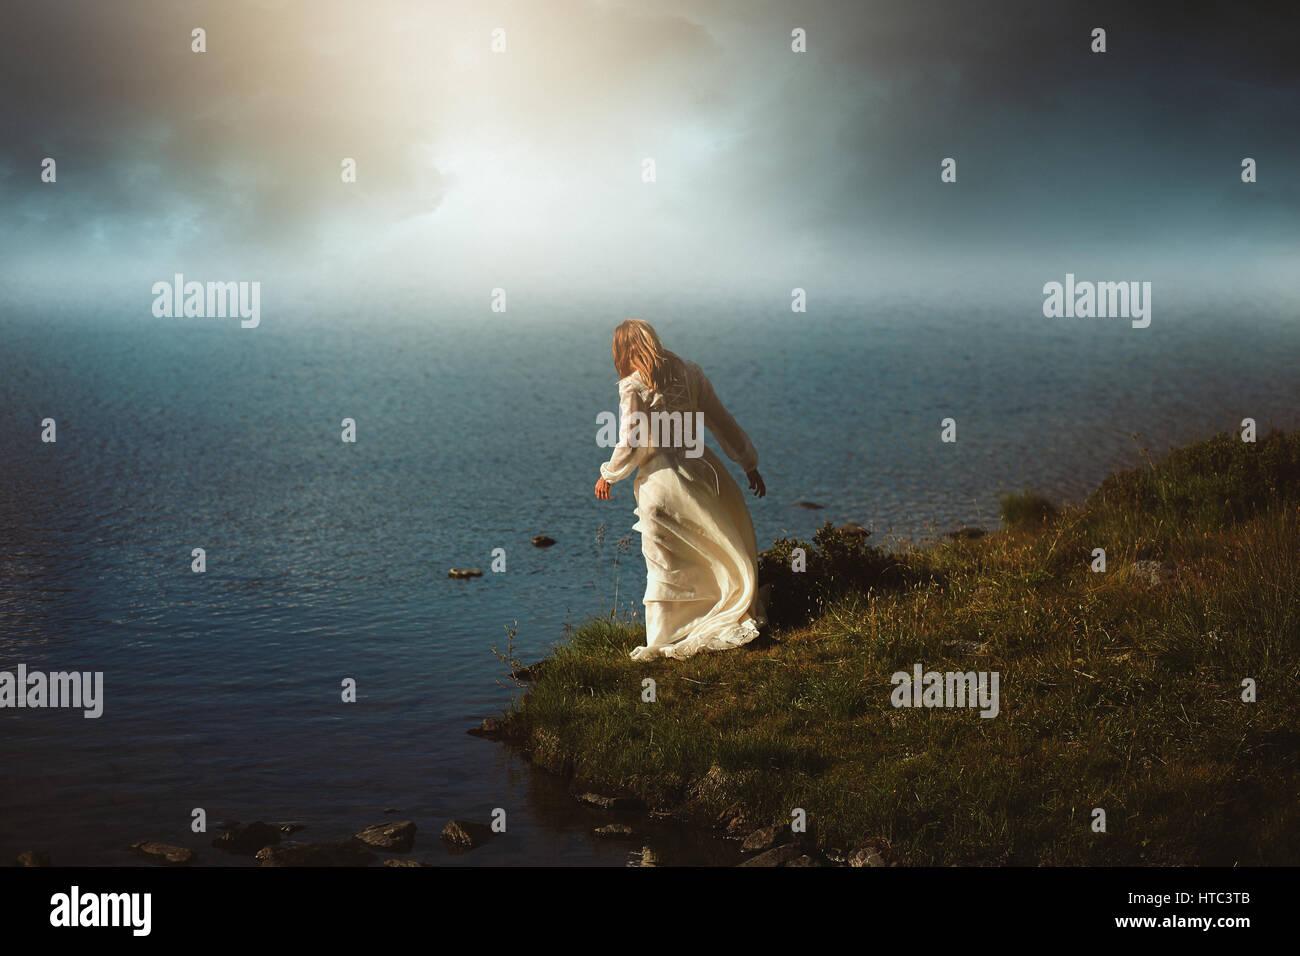 Mujer mirando aguas surrealista. Photomanipulation con colores de ensueño Imagen De Stock